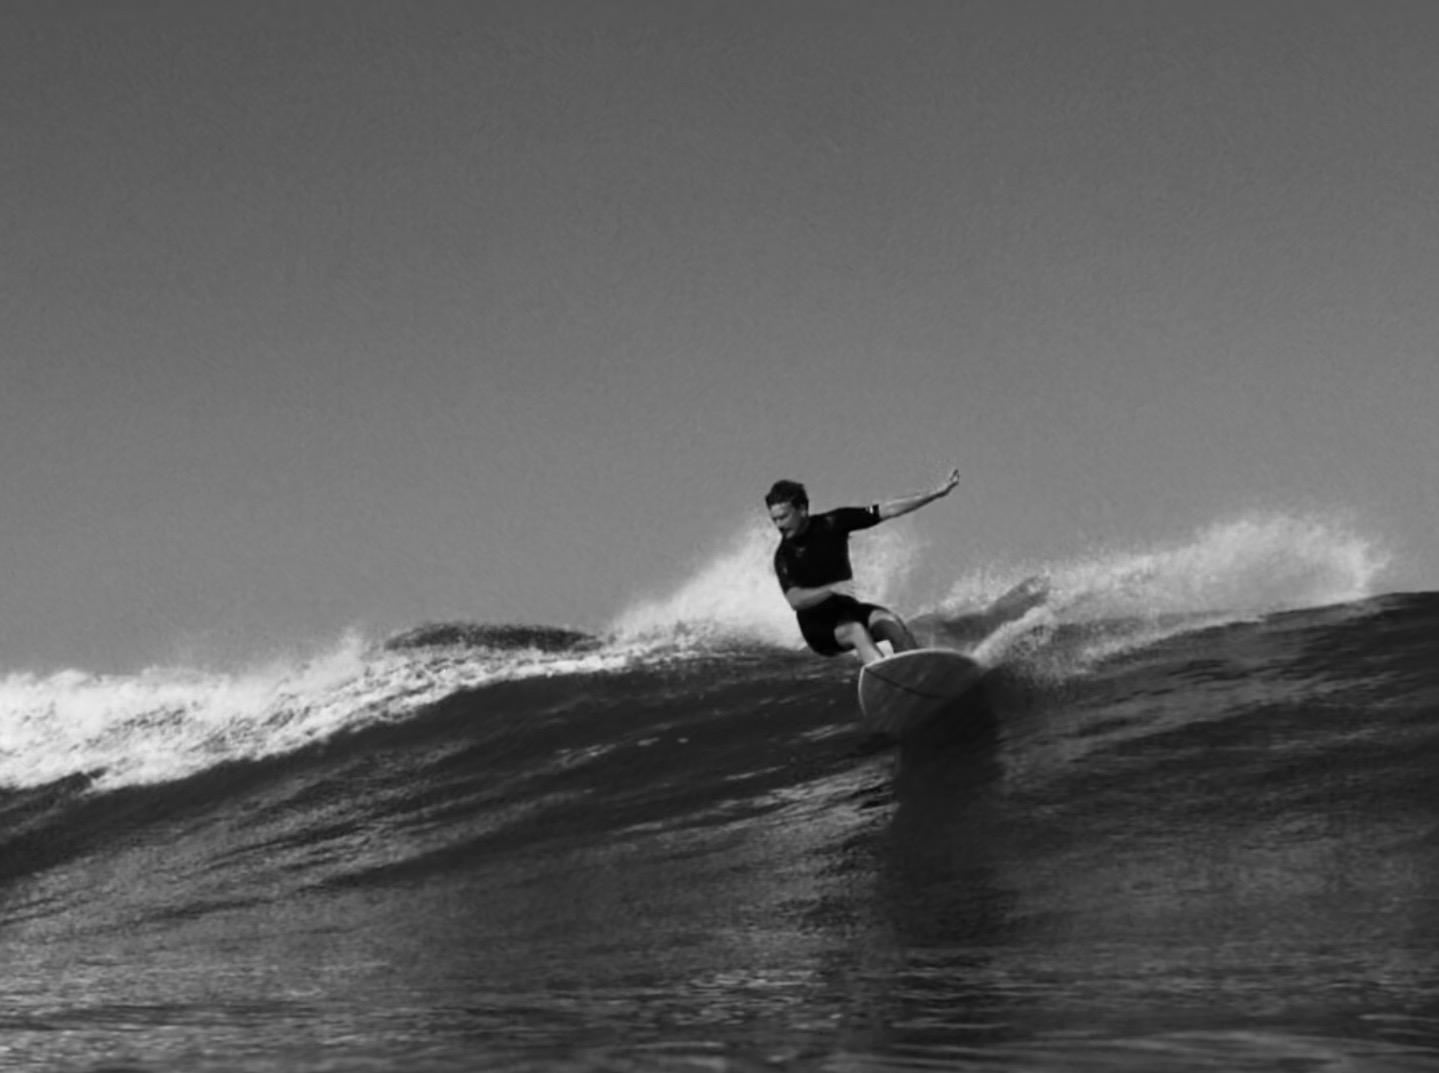 Vincent Lemanceau, surfer